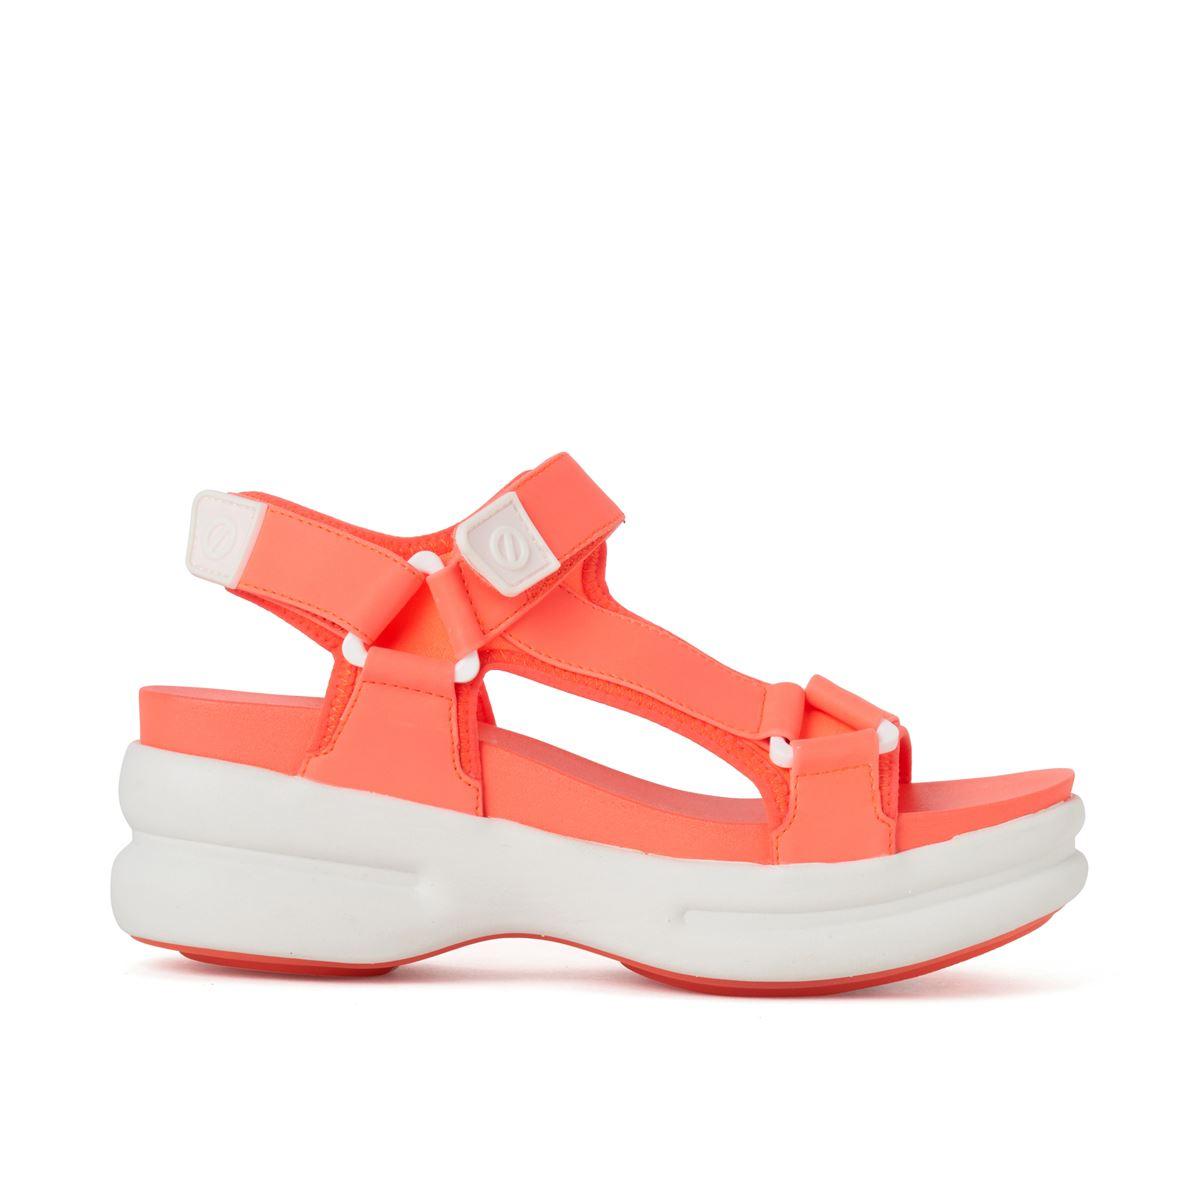 [新入荷] [2020春夏] NO NAME[ノーネーム] [サンダル] CONCRETE-01235-PINK コンクリート ピンク オレンジ,ピンク,プラットフォーム